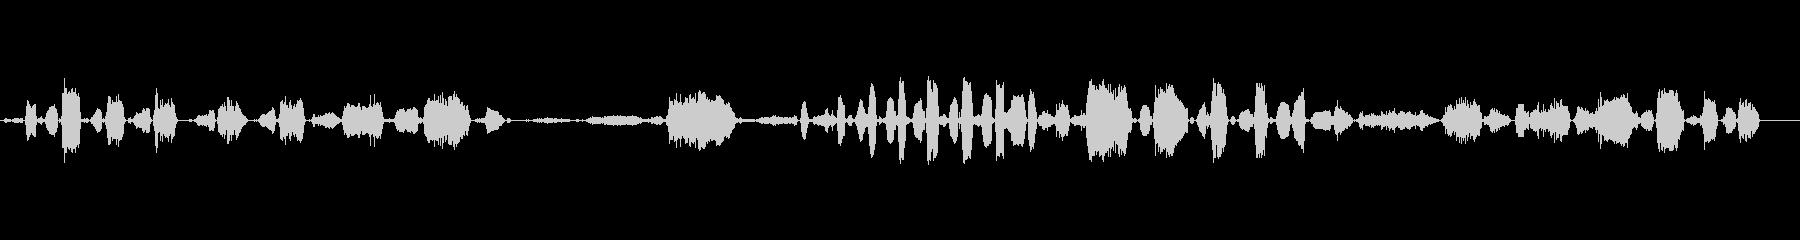 C.U.ブレイ、アニマルの未再生の波形